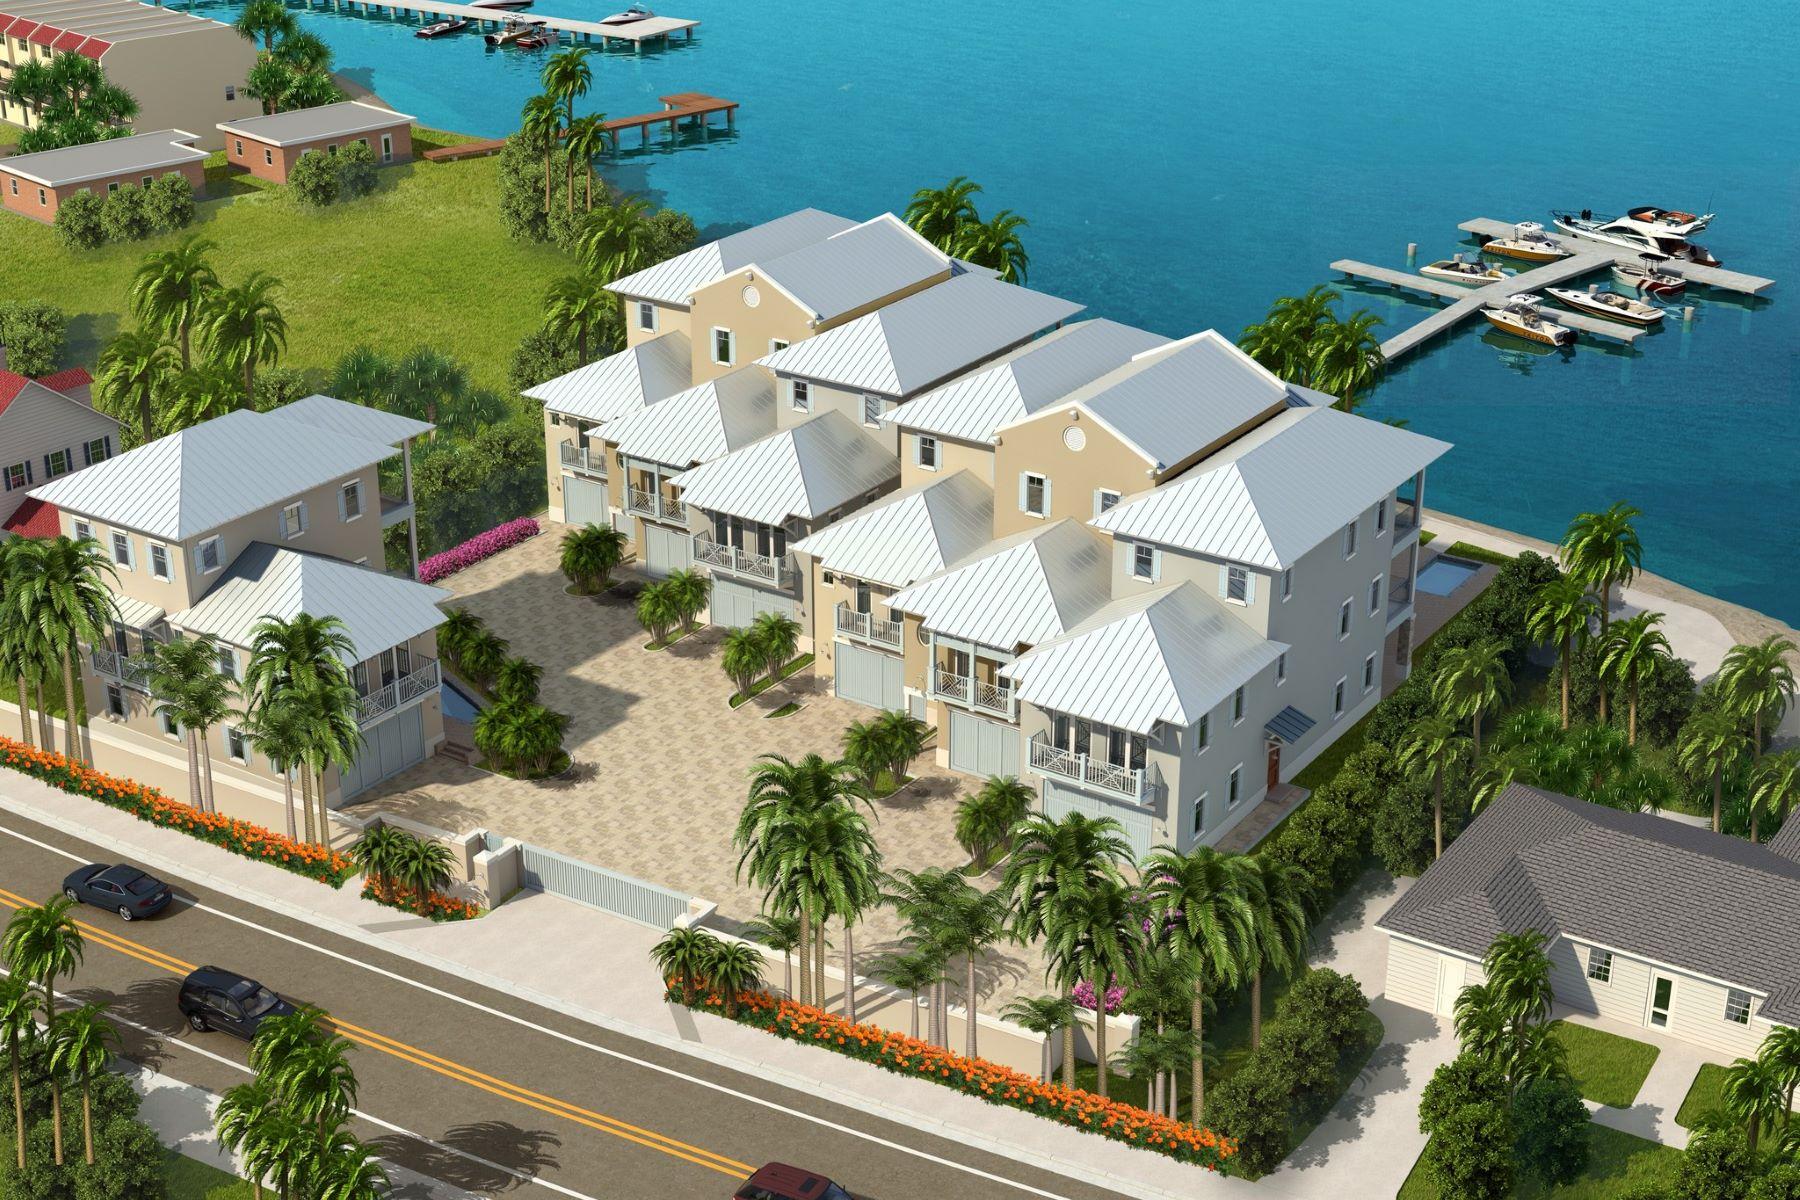 联栋屋 为 销售 在 Riverfront Ultra-luxury townhome 1502 Seaway Drive #4 哈钦森岛, 佛罗里达州, 34949 美国